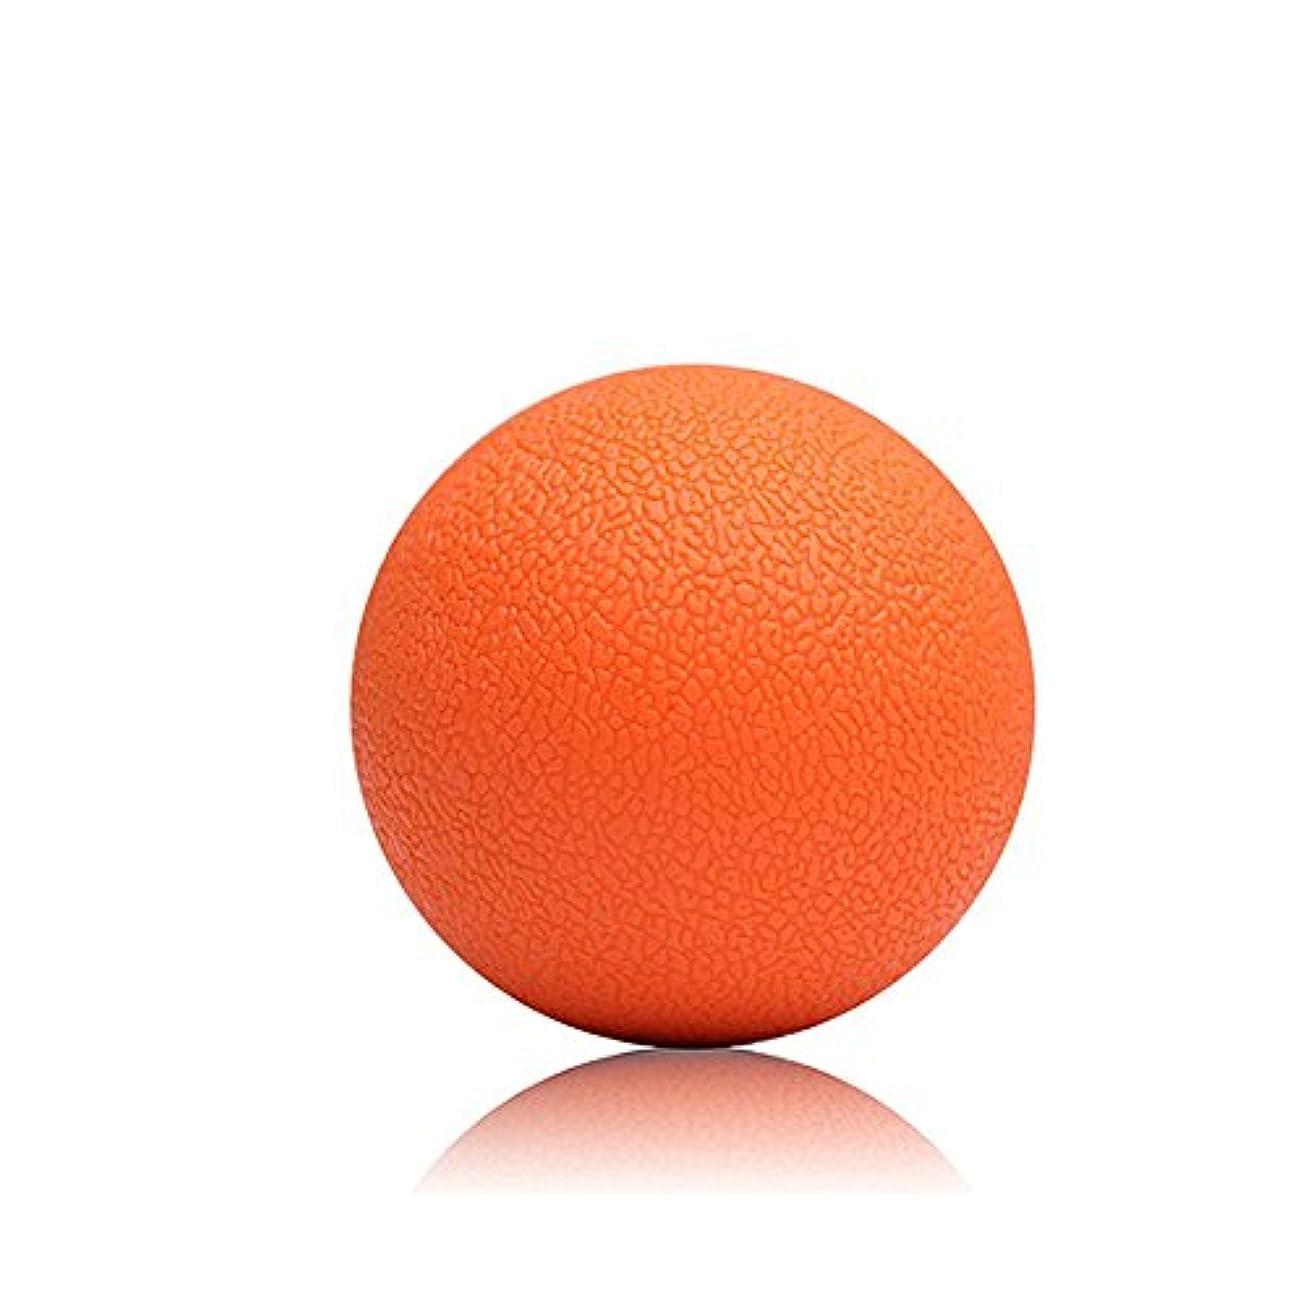 豊かにする仮説非効率的なマッサージボール 筋膜リリース 指圧ボール 足裏 ふくらはぎ ツボ押しグッズ 健康グッズ